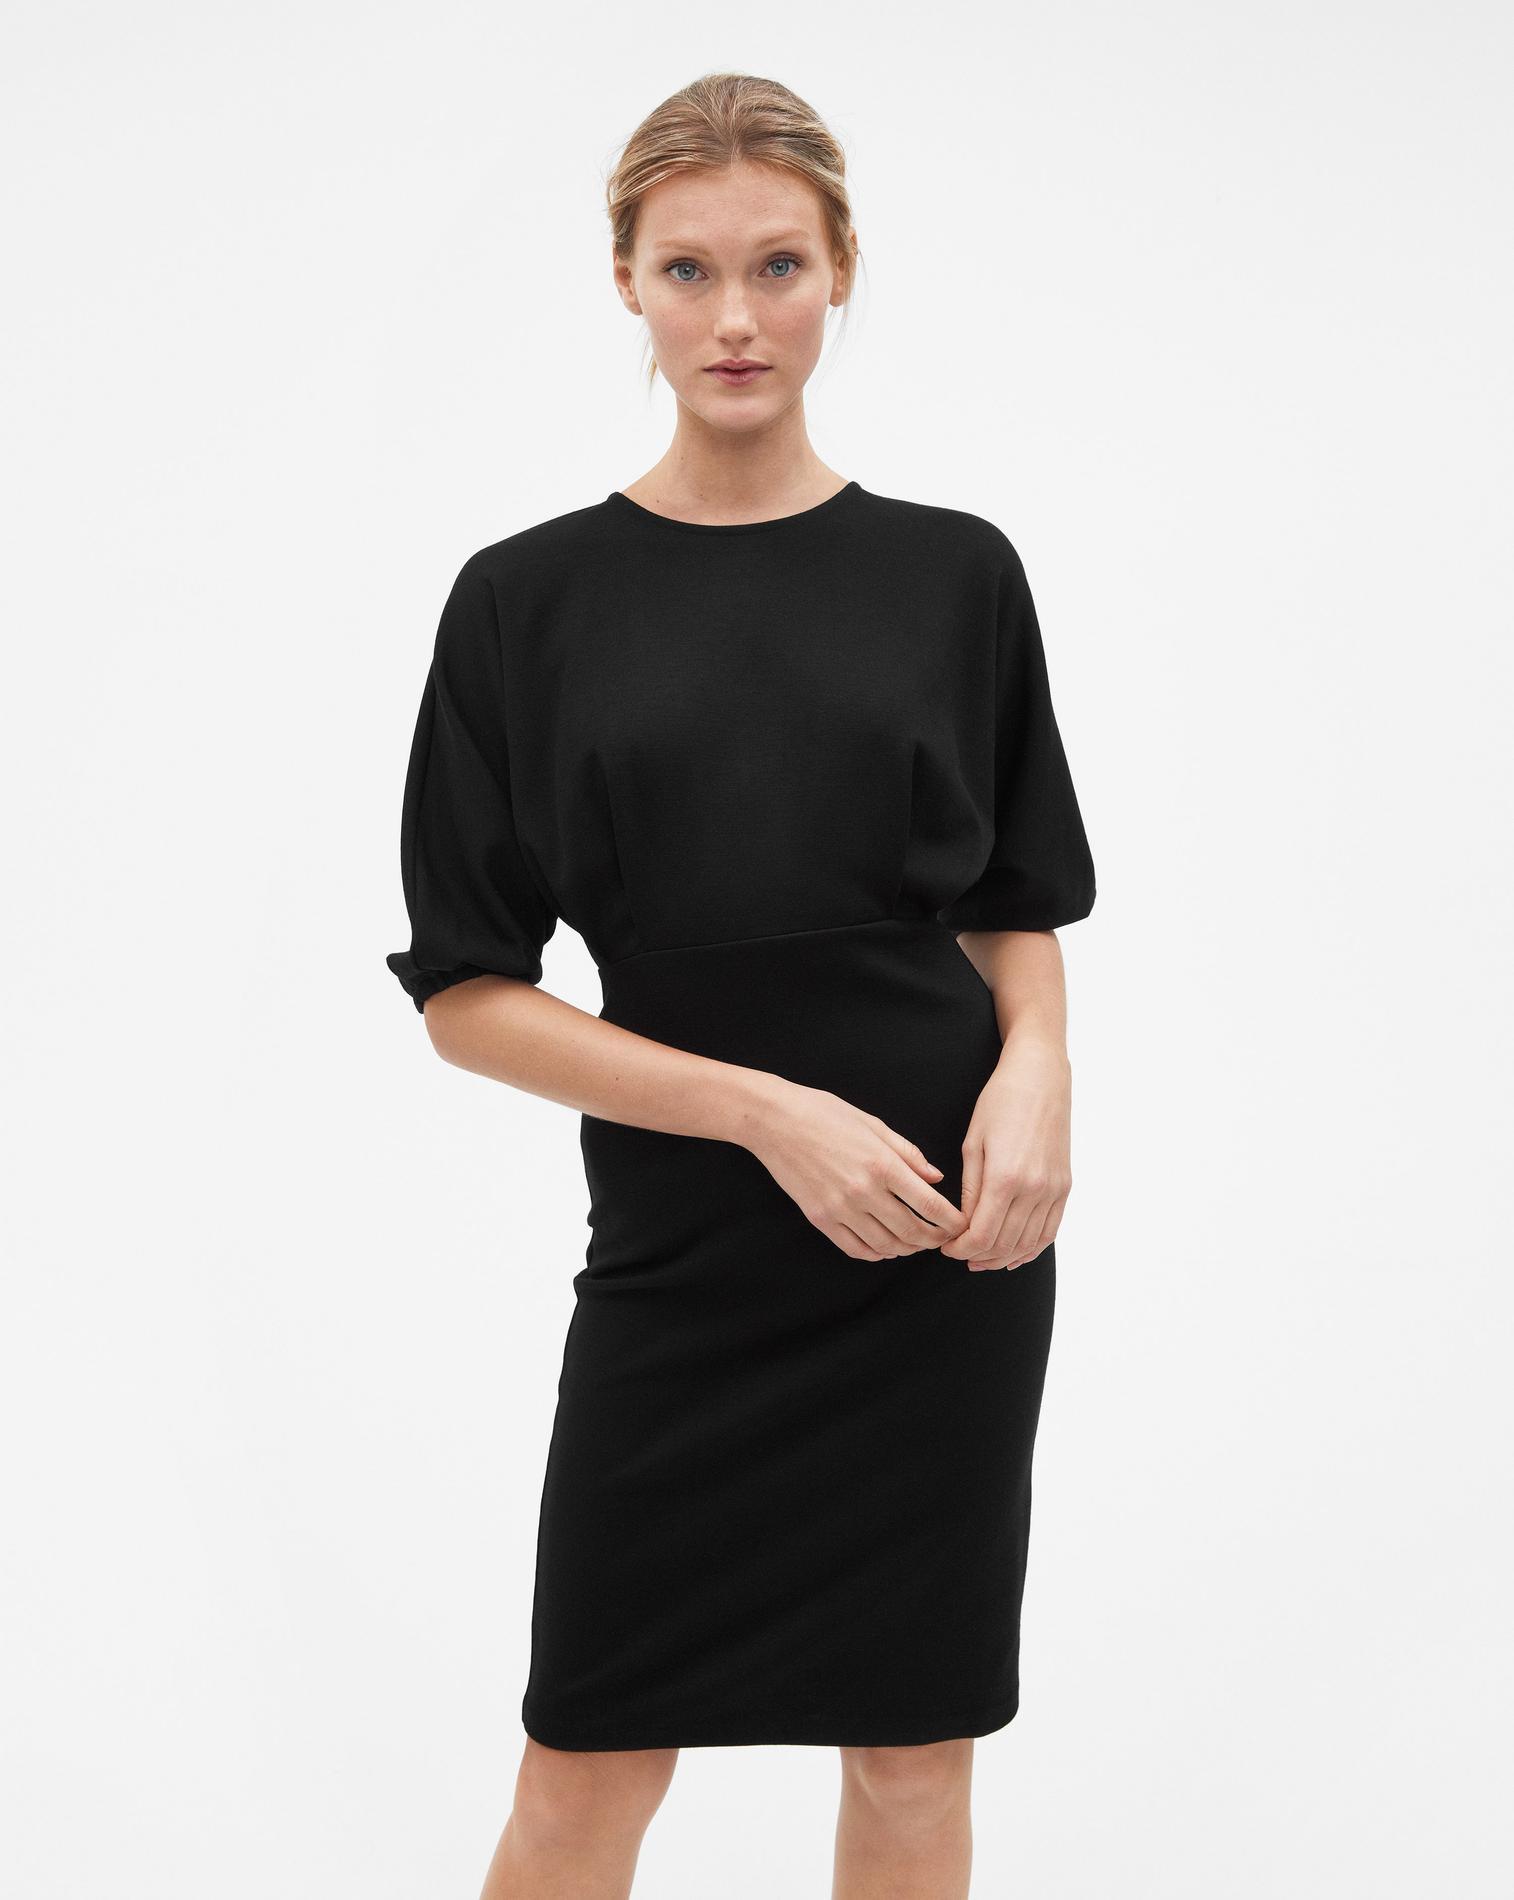 d3d3e543a86 ... fin d année -   Other Stories Notre sélection de robes noires pour les  fêtes de fin d année - Ba sh Notre sélection de robes noires pour les fêtes  de ...